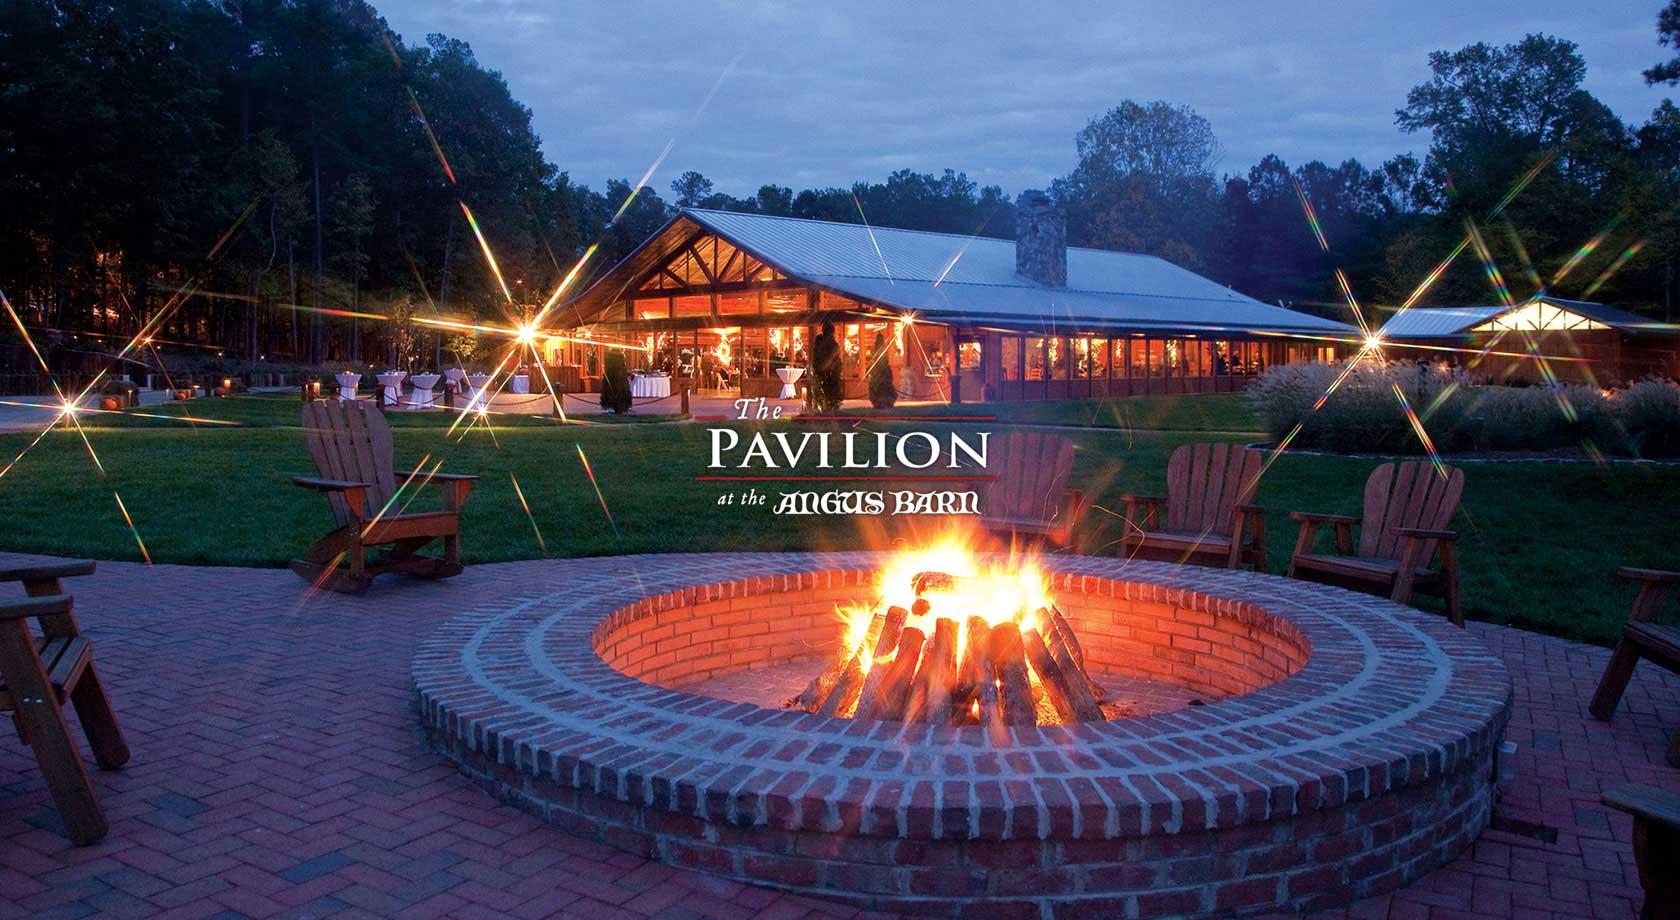 Angus Barn Pavilion